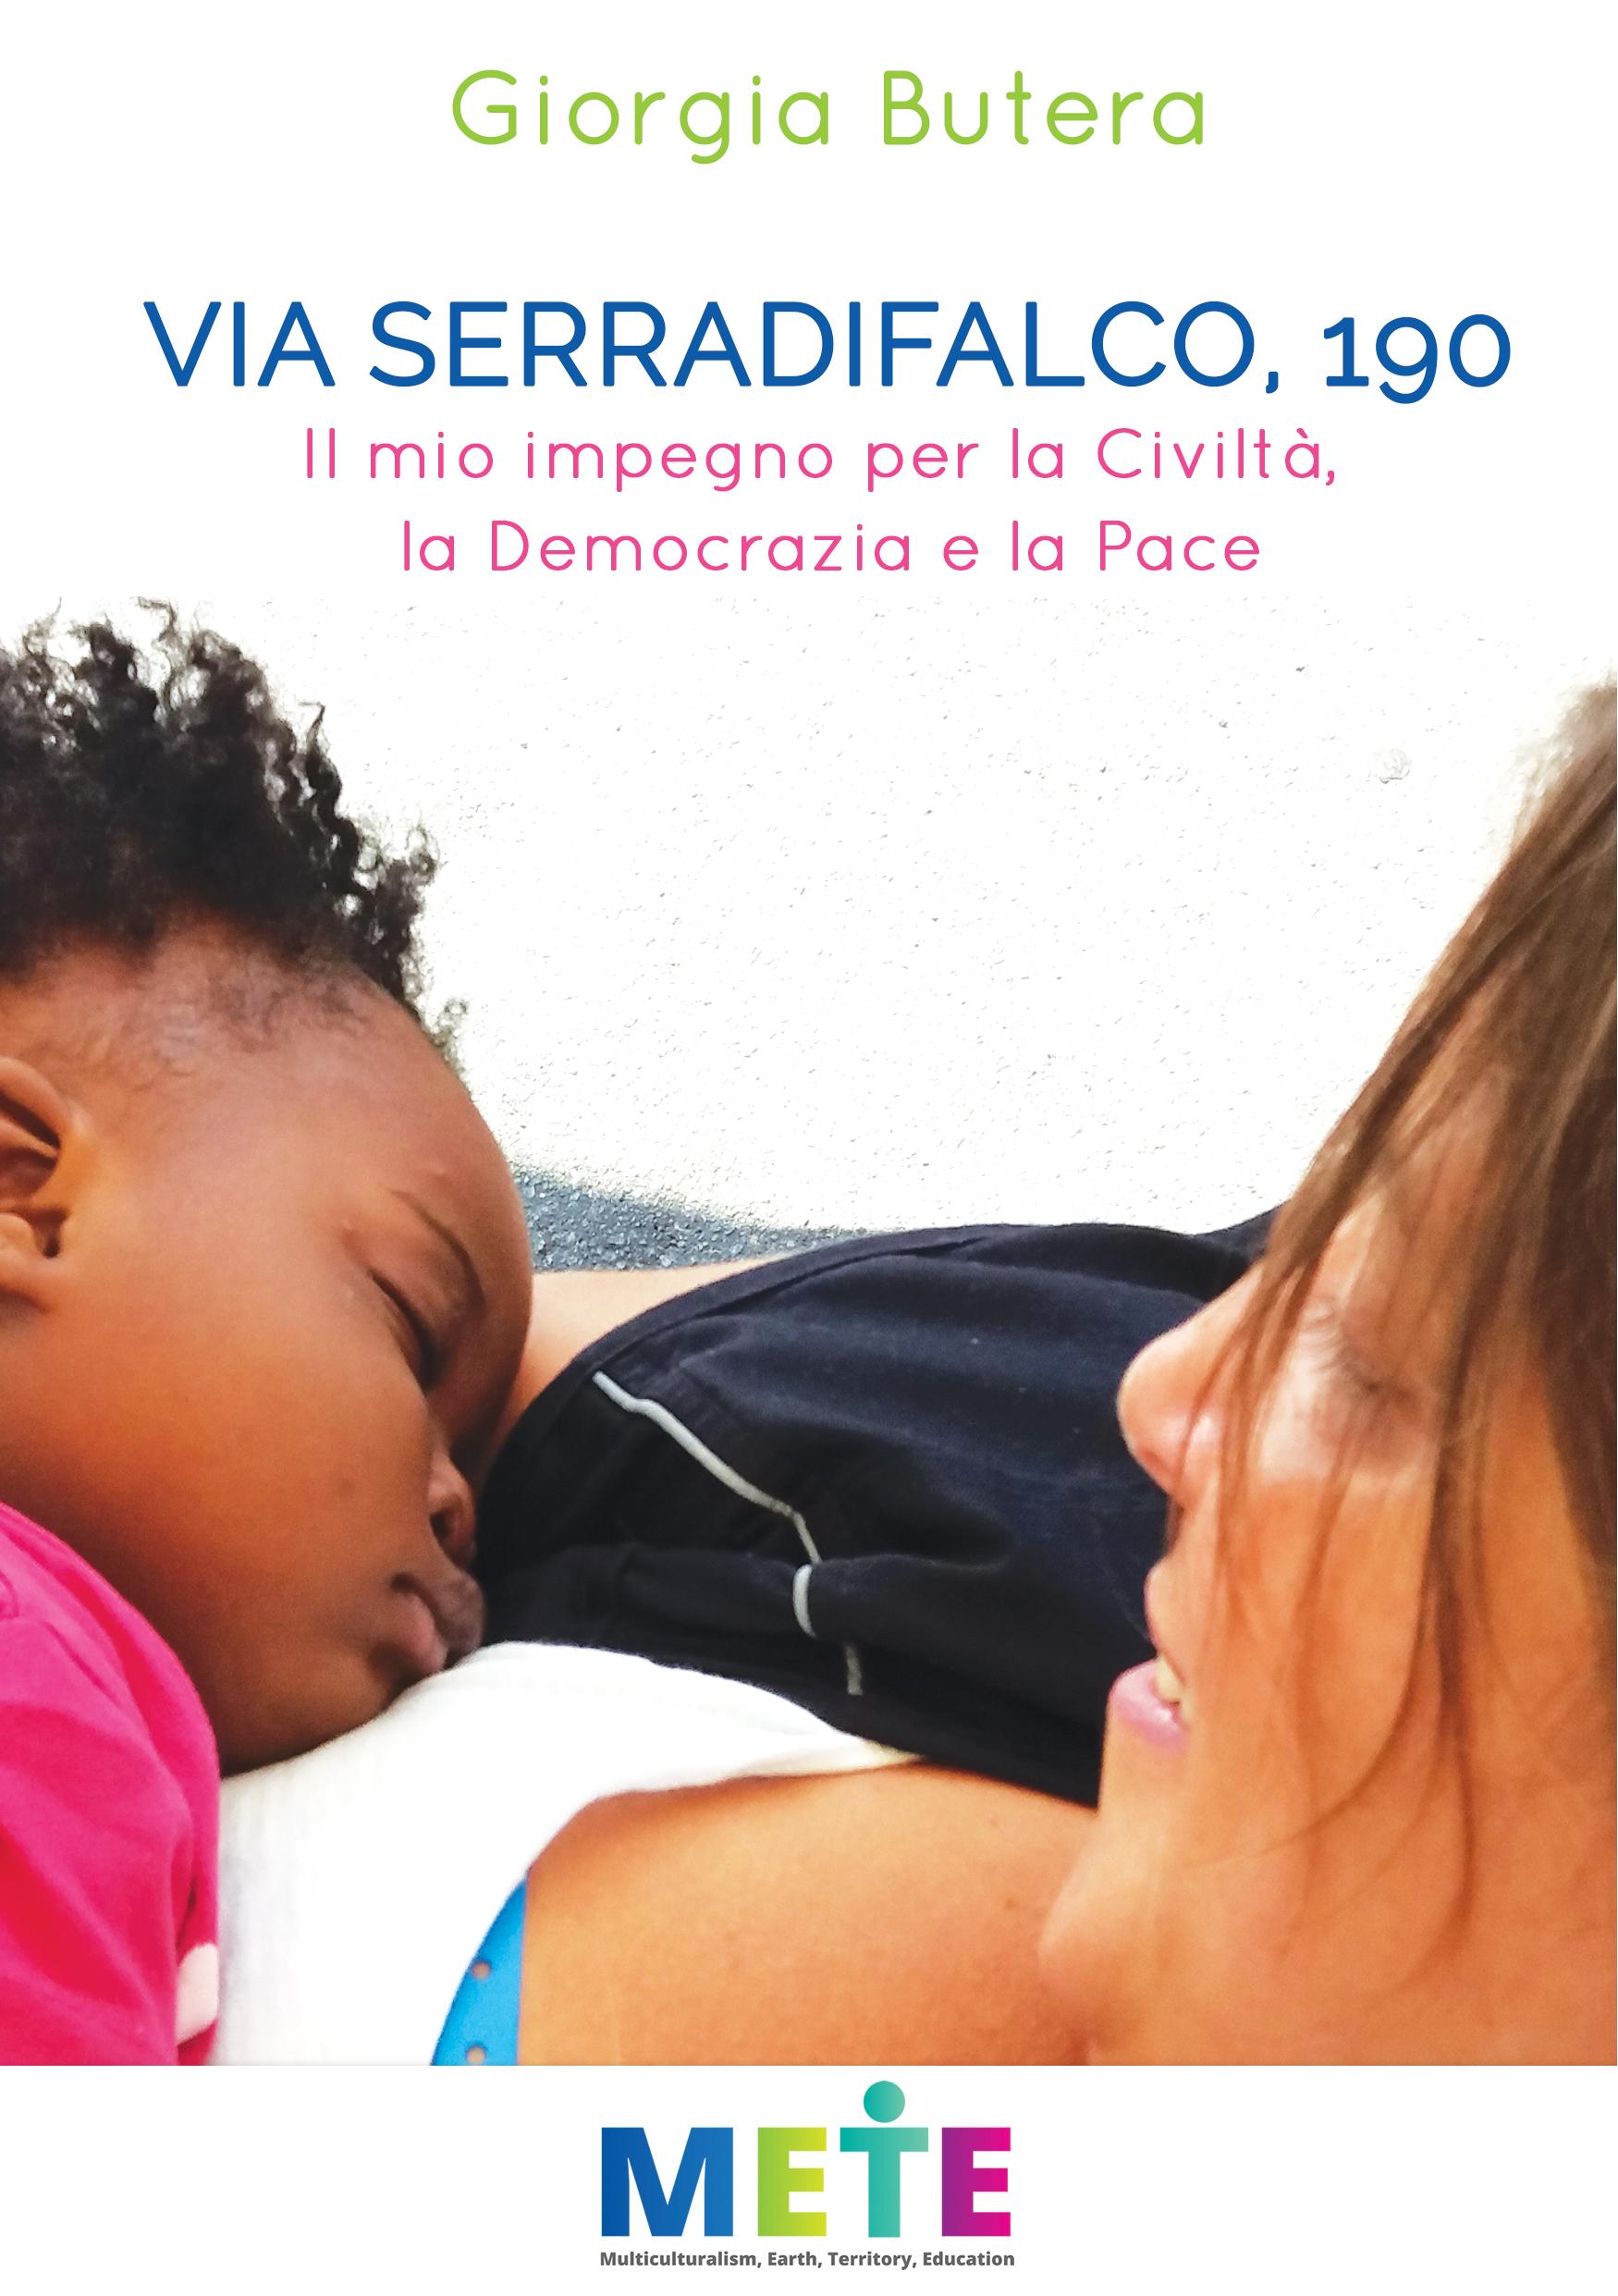 Via Serradifalco